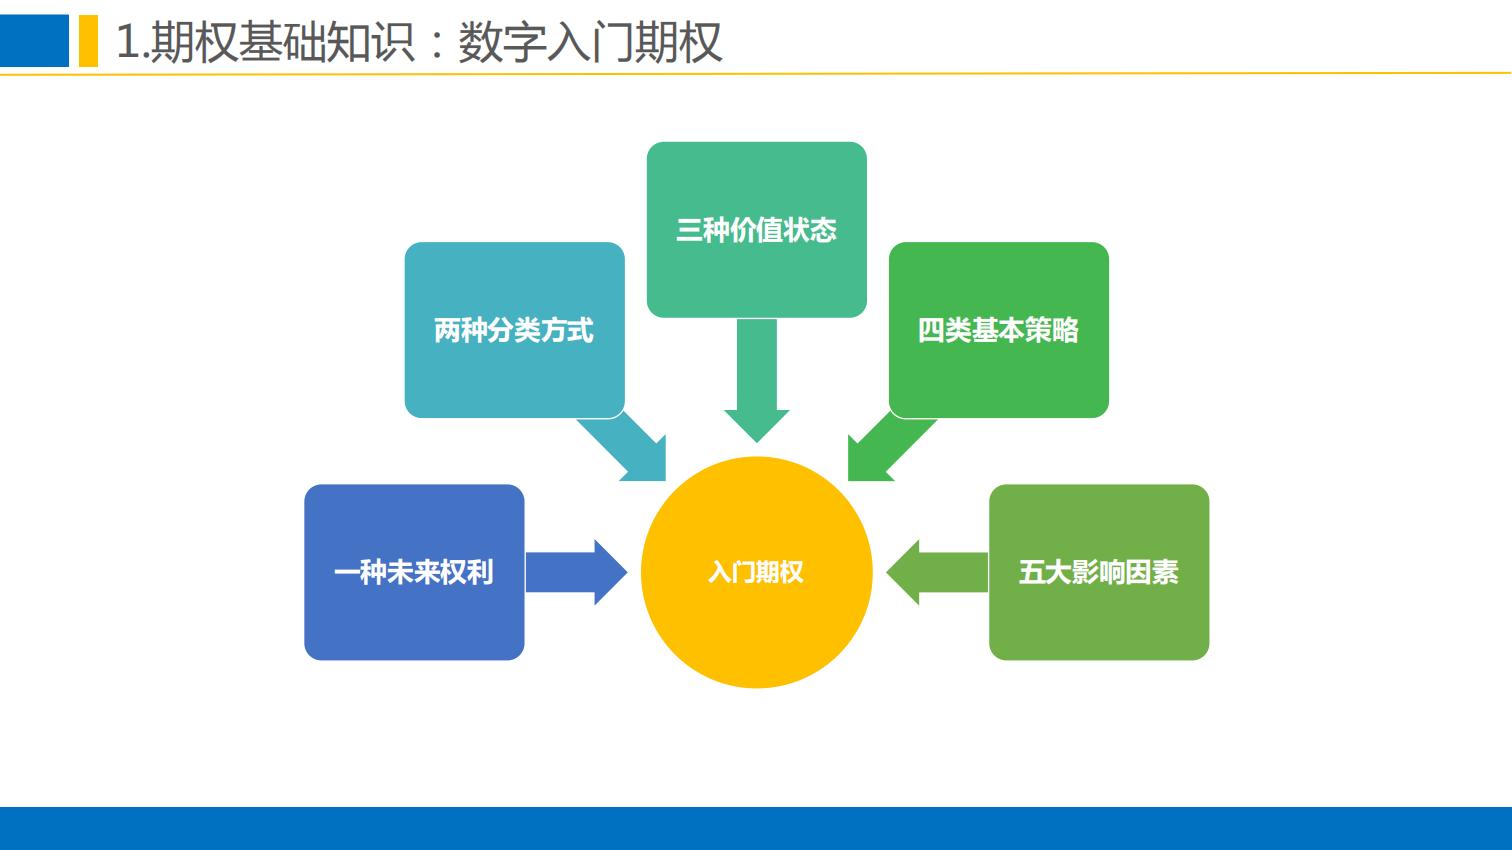 晨会:郑商所培训分享-棉花期权合约规则与上市工作安排0111.pdfx_09.png